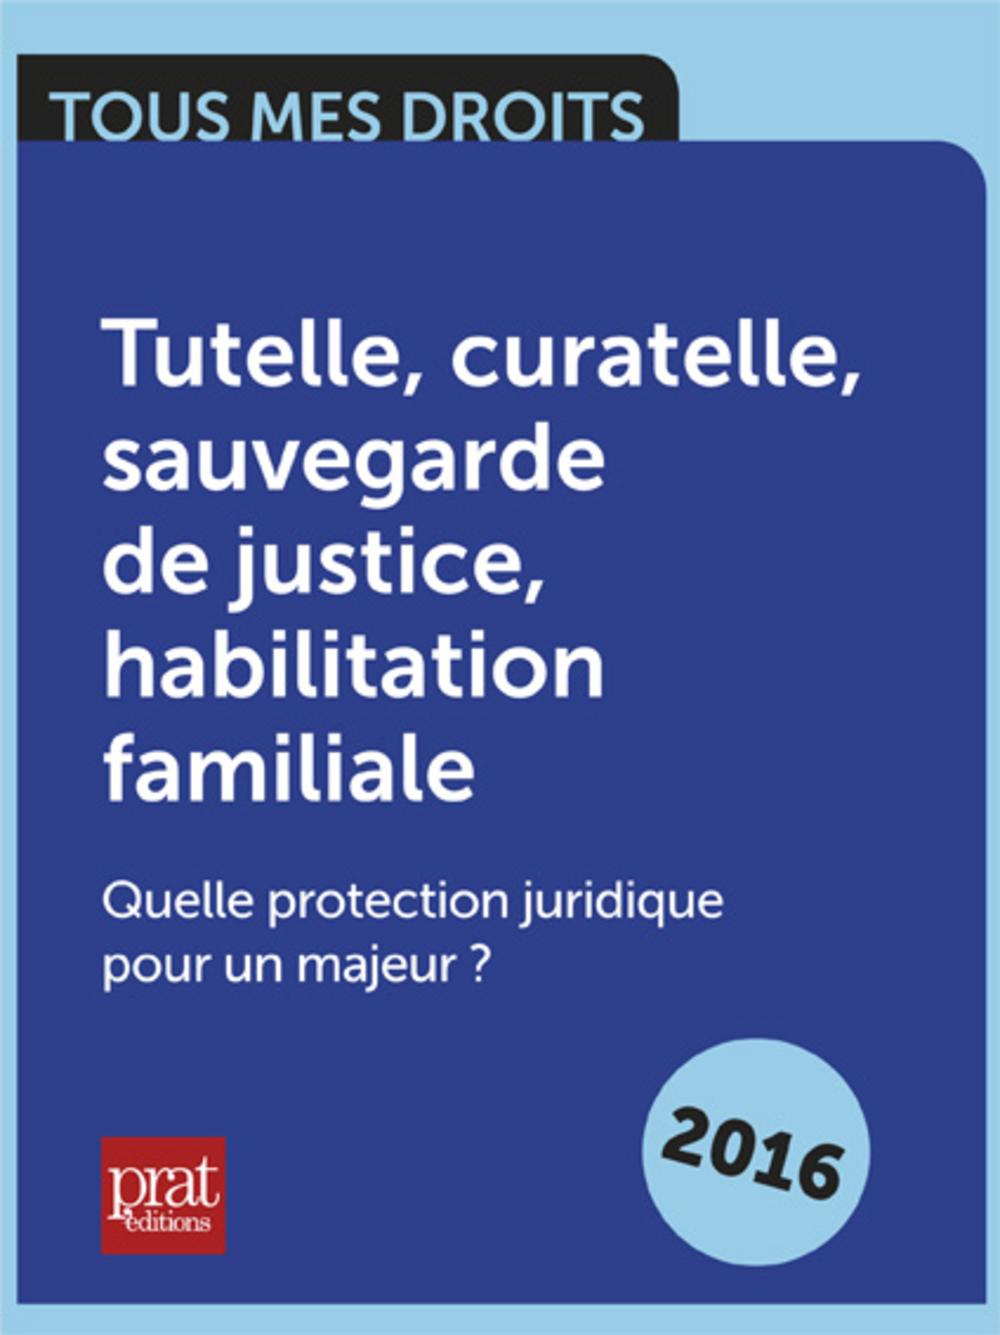 Tutelle, curatelle, sauvegarde de justice, habilitation familiale : Quelle protection juridique pour un majeur ?